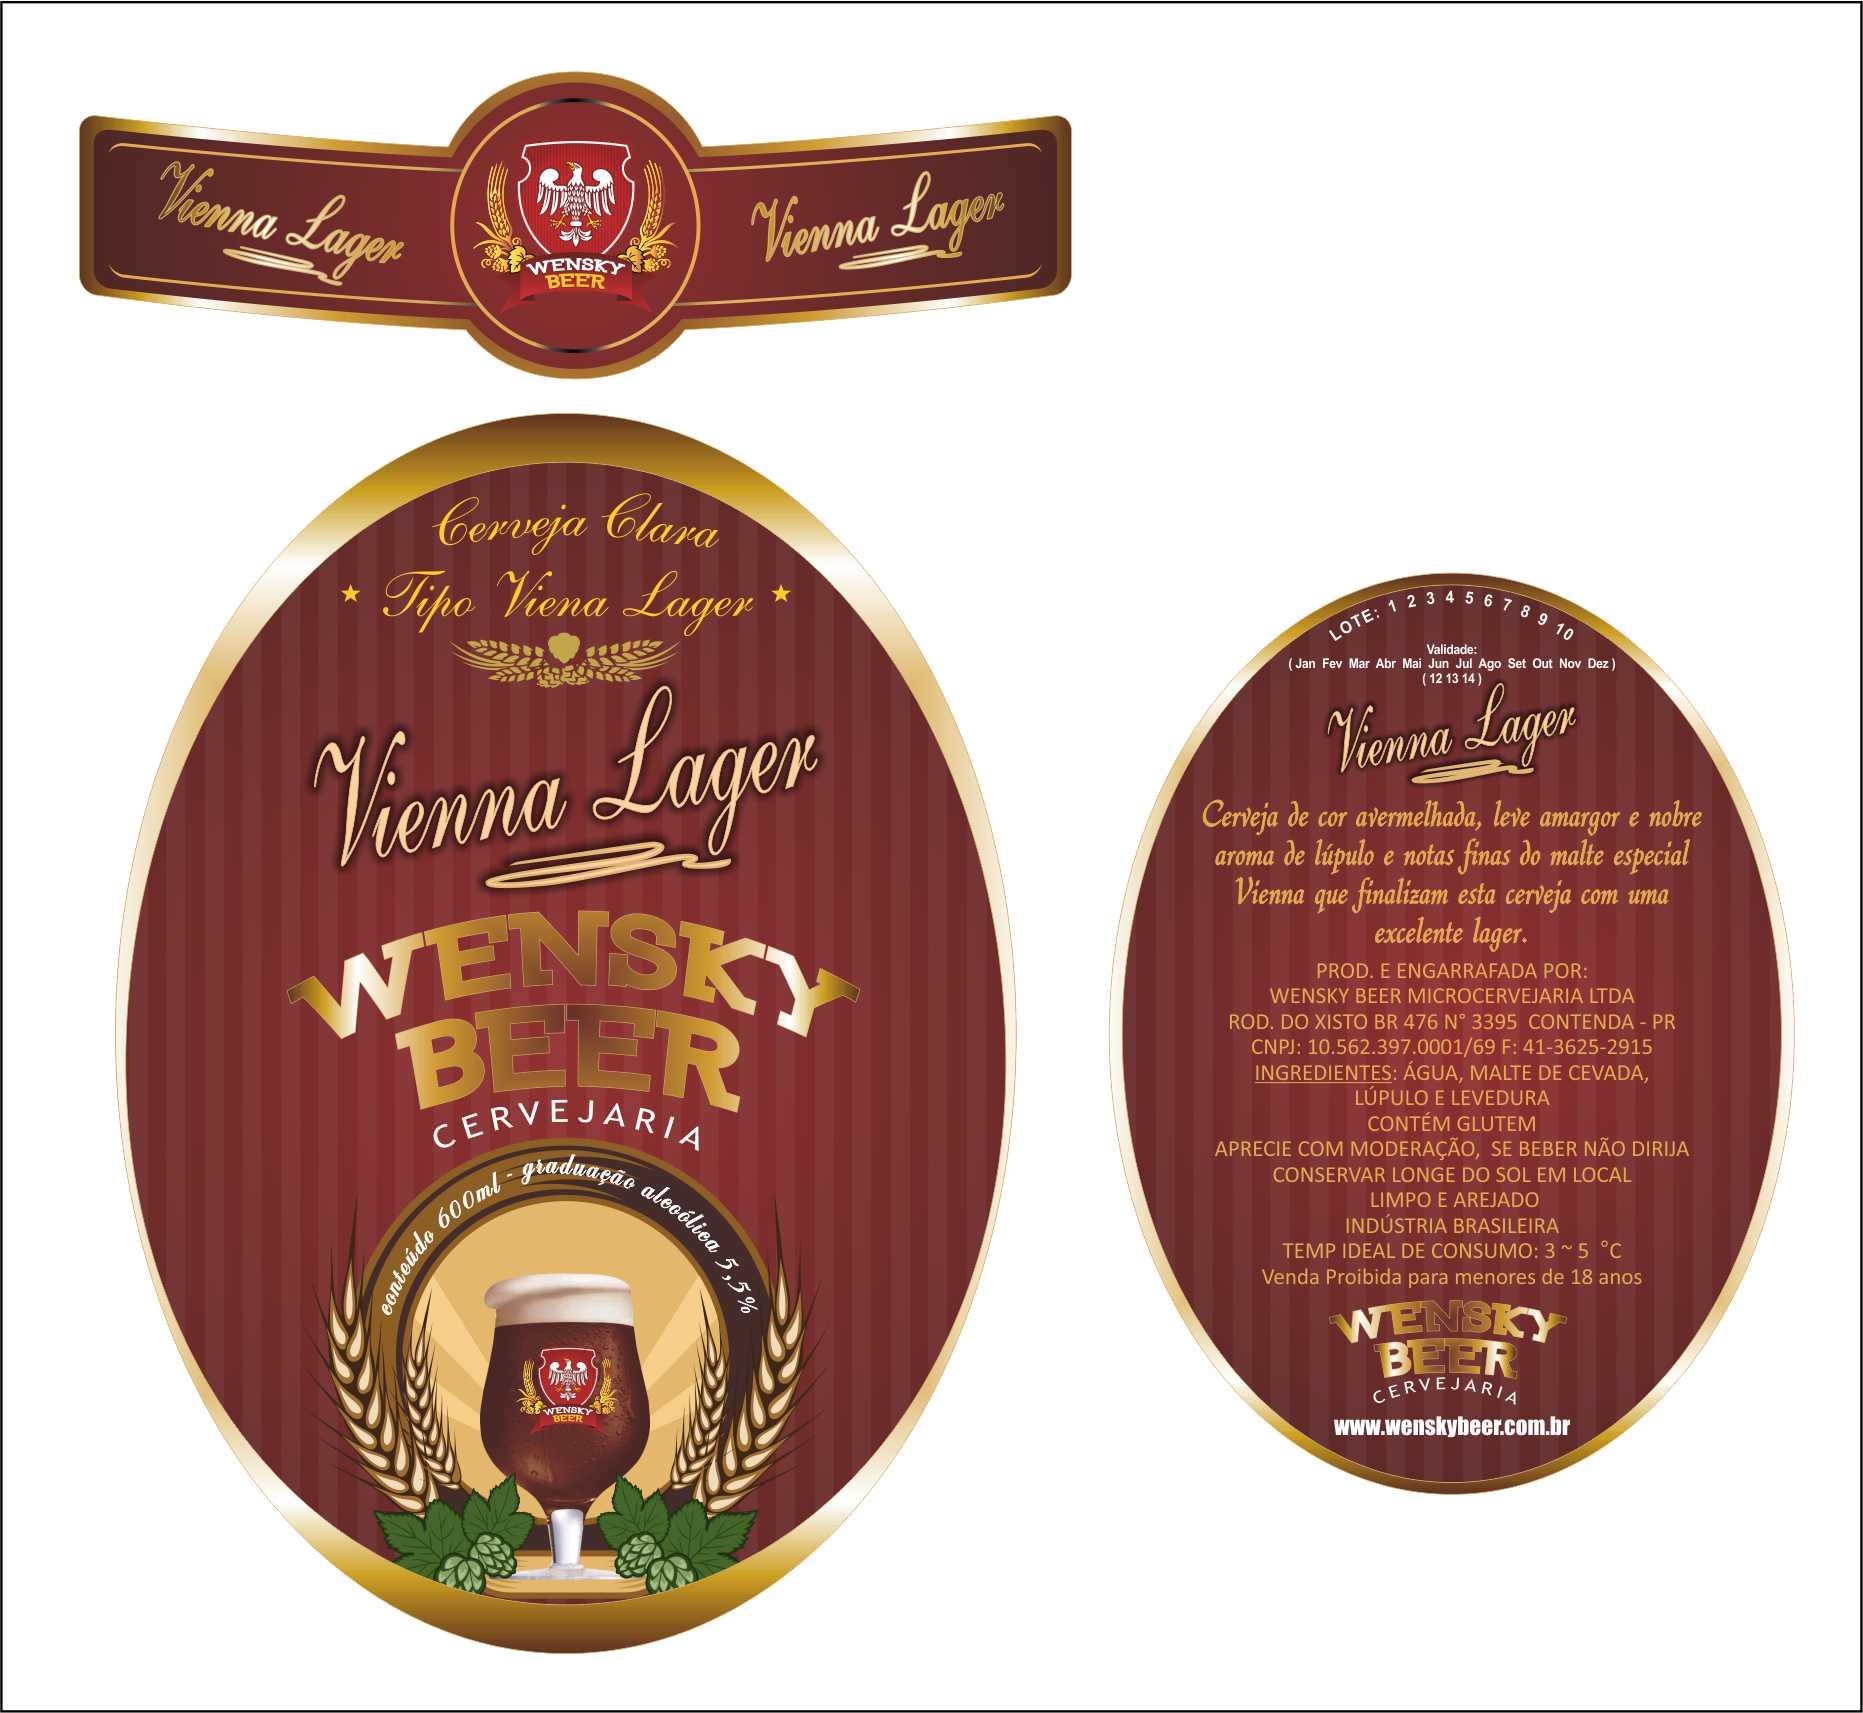 Wensky Beer - Rótulo Viena